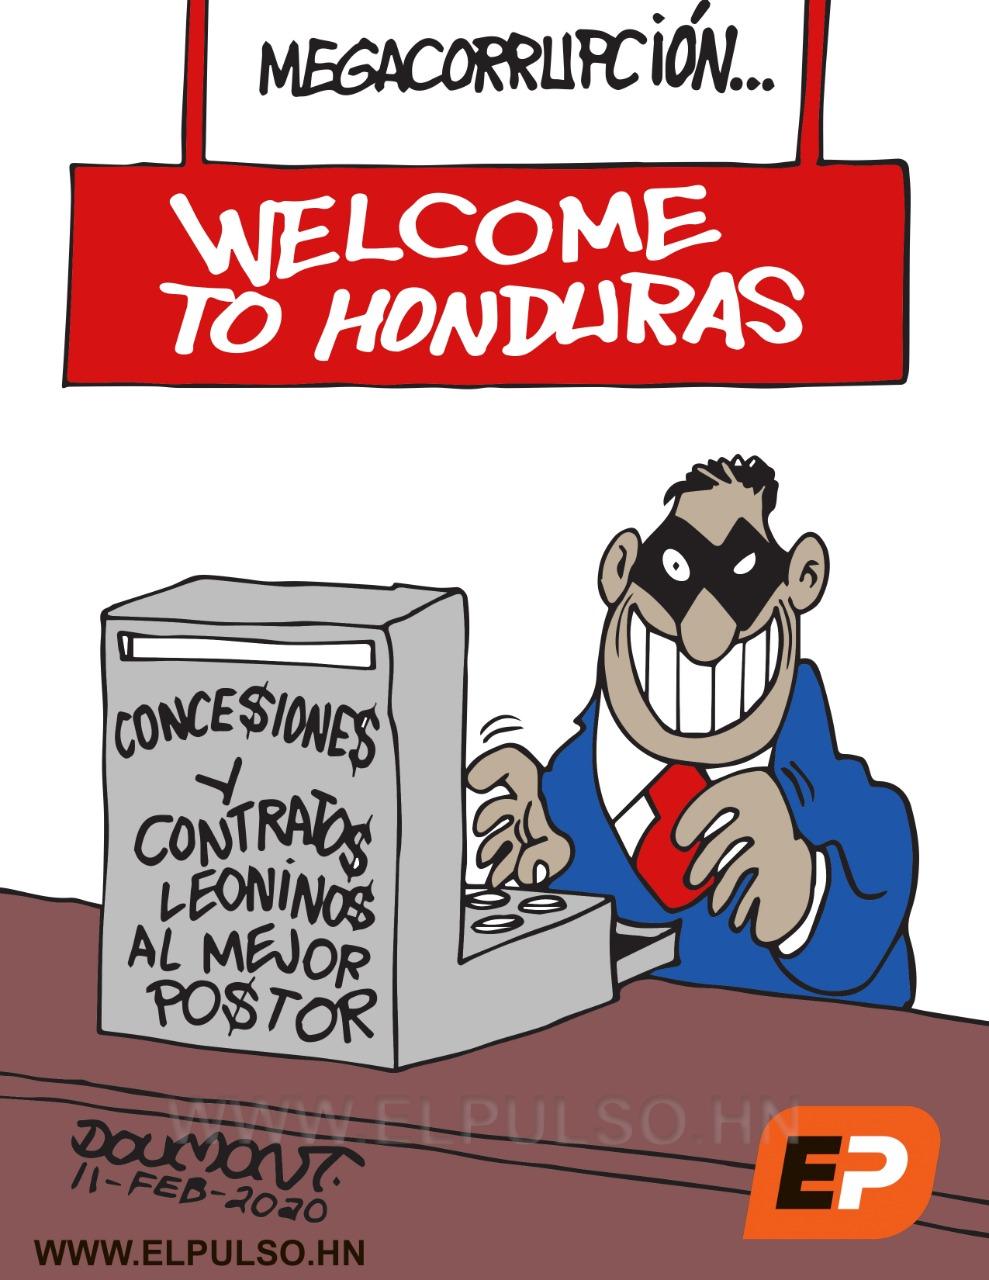 http://elpulso.hn/wp-content/uploads/2020/02/11-de-febrero.jpeg